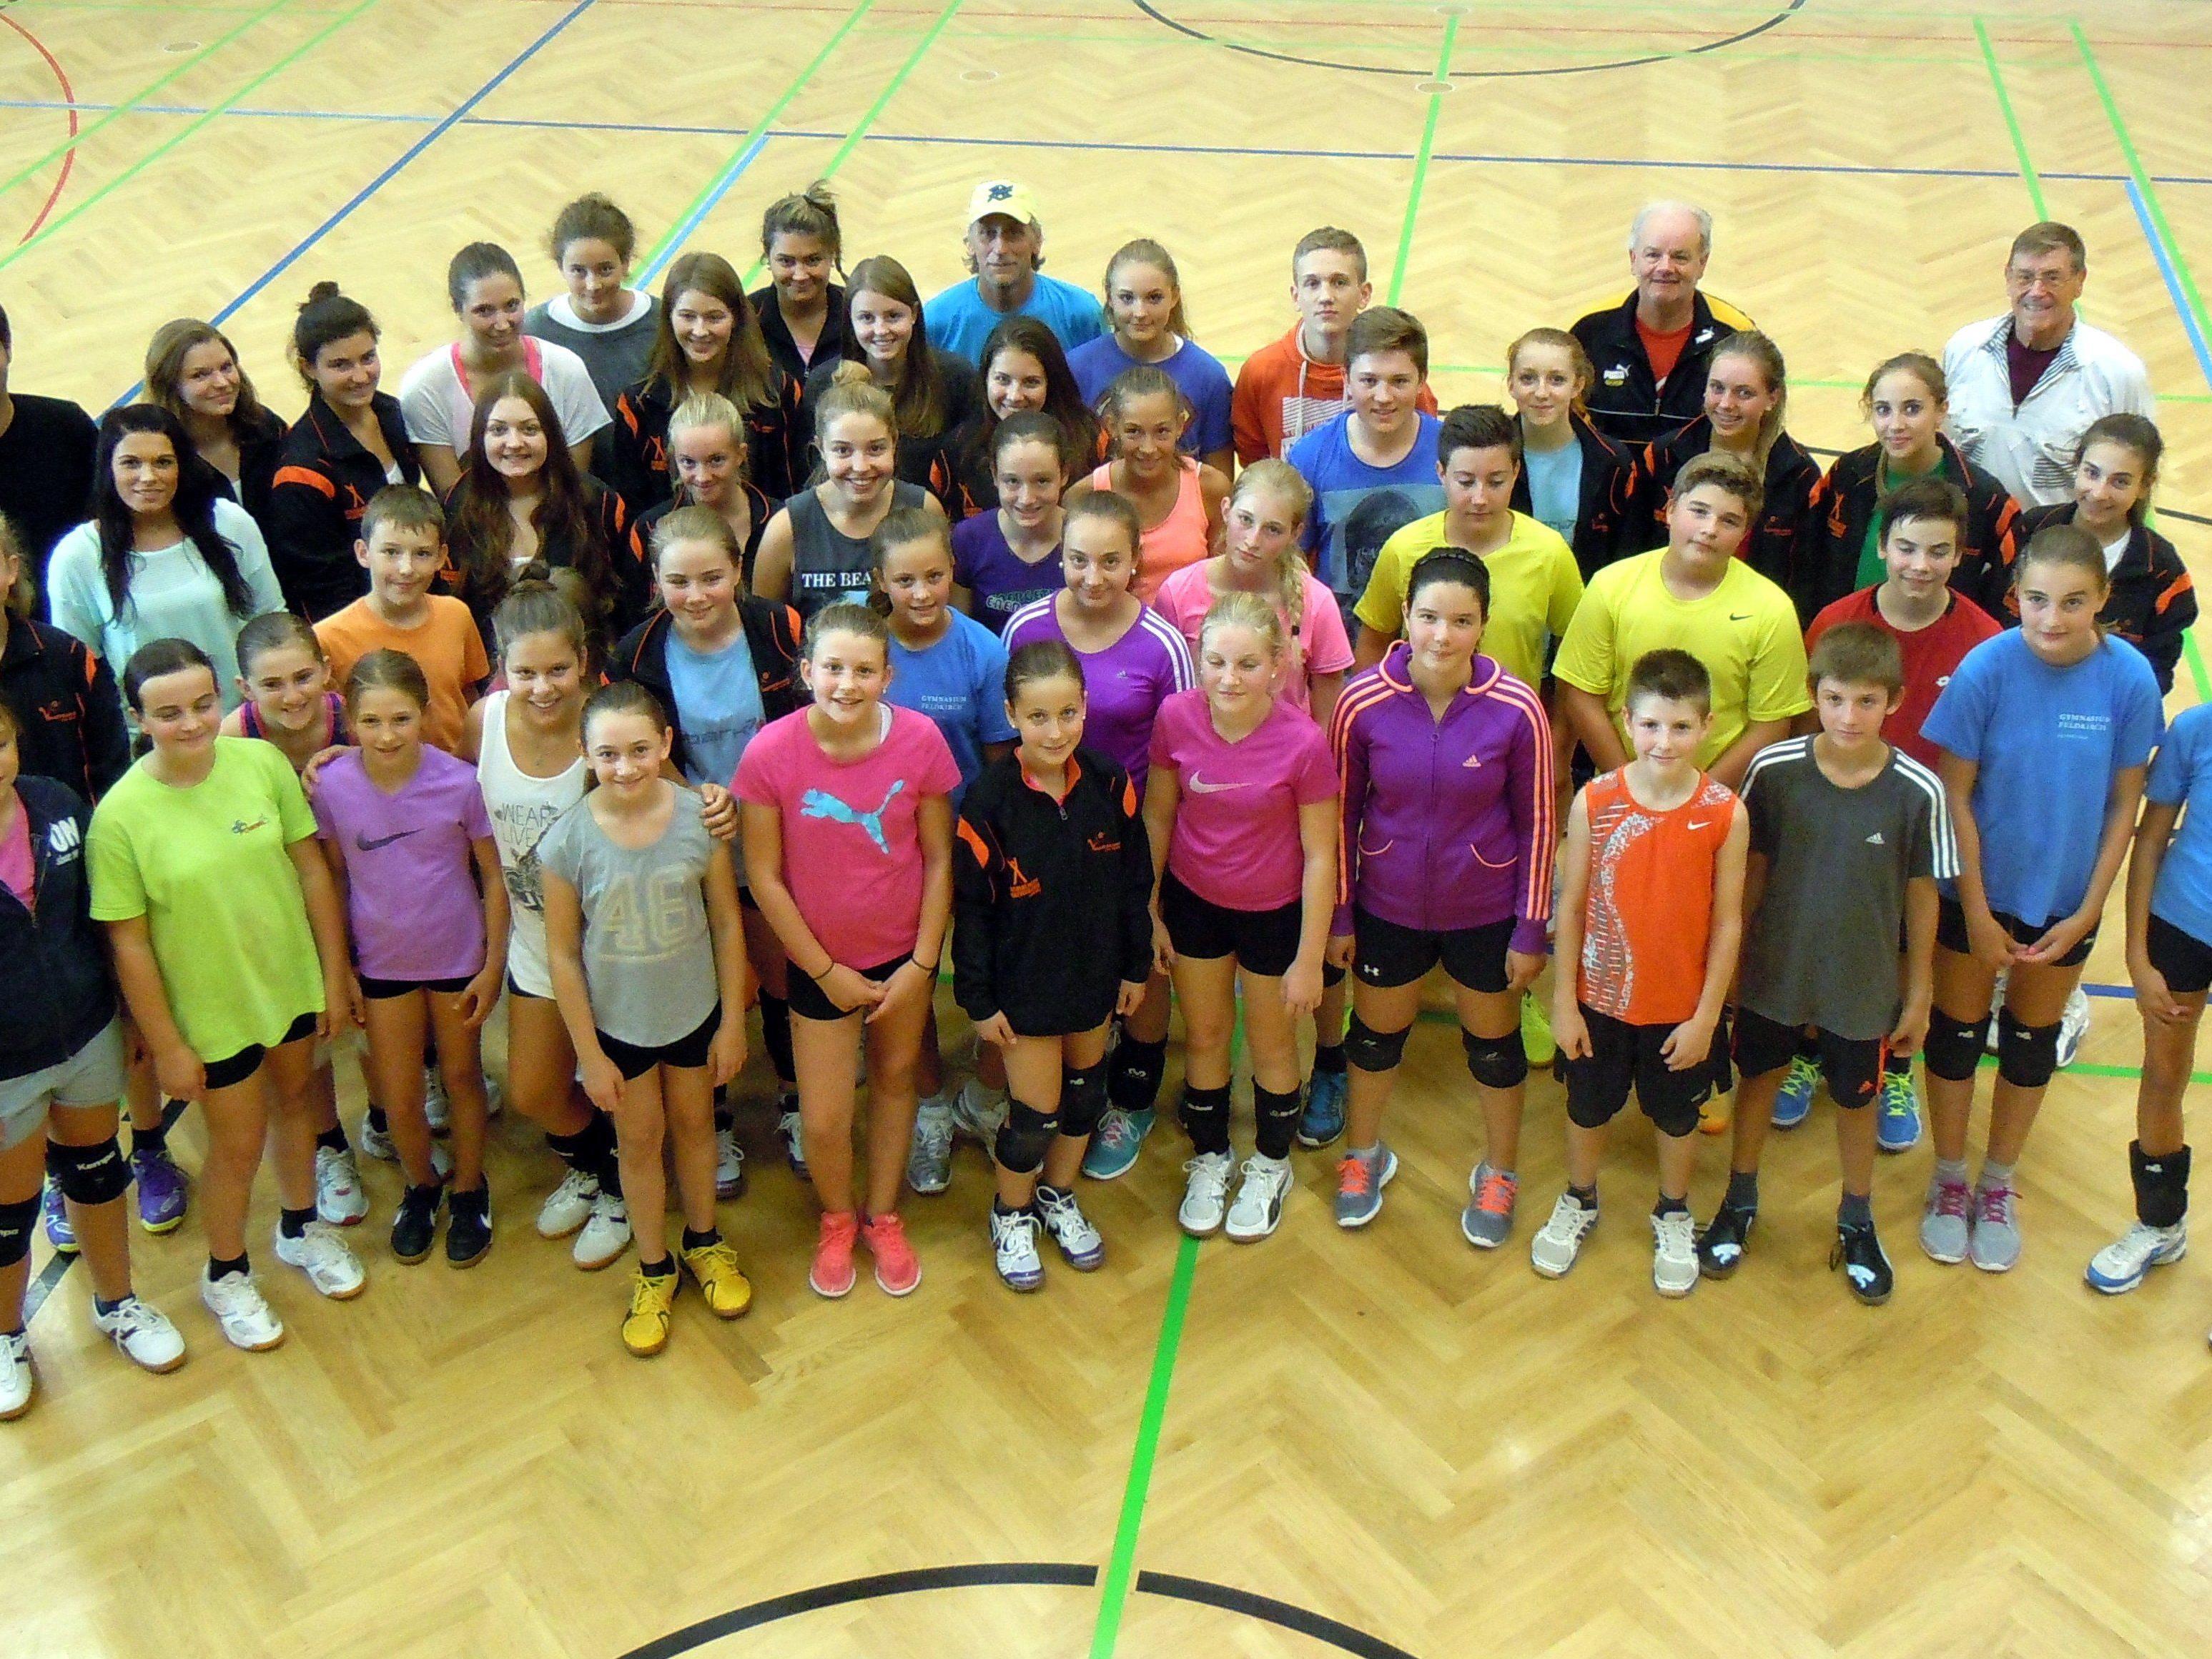 Die letztjährigen Teilnehmer mit den Trainern